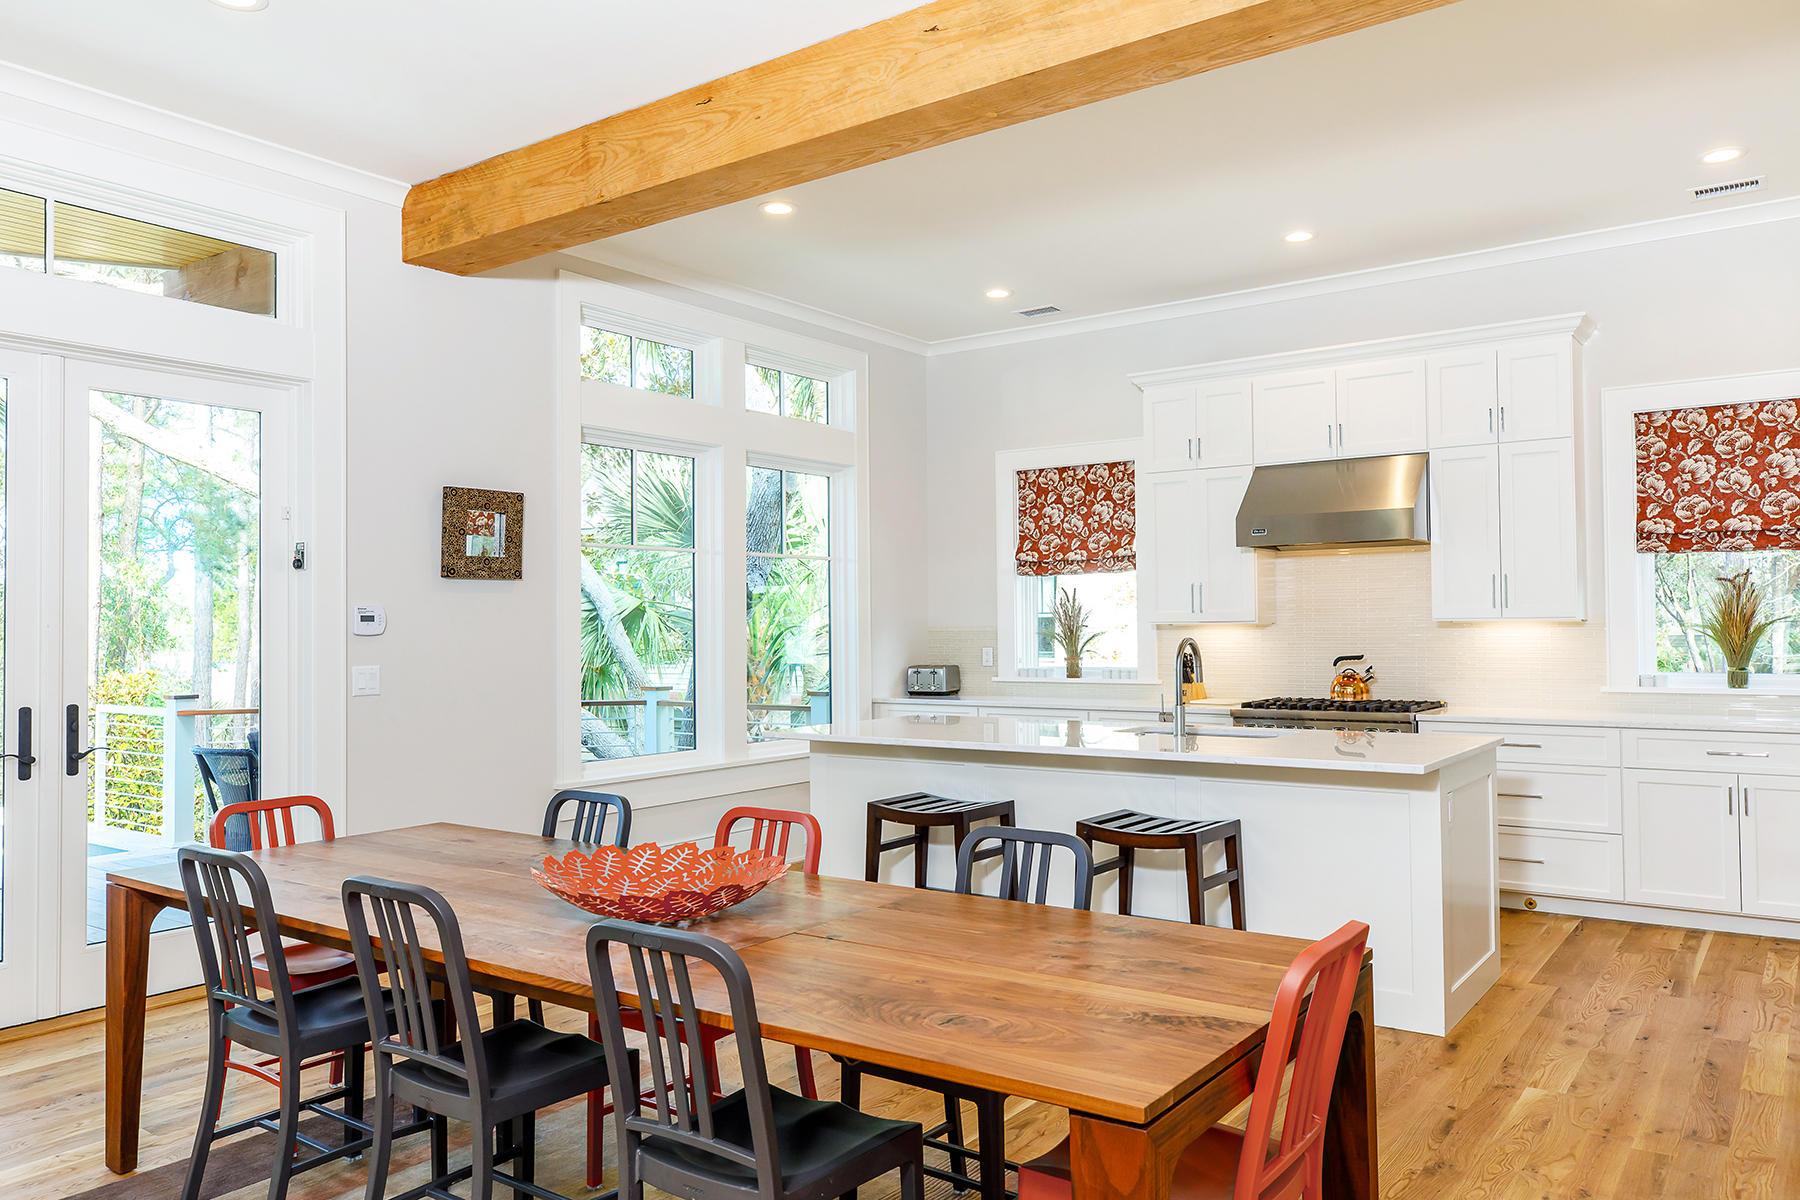 Kiawah Island Homes For Sale - 121 Halona, Kiawah Island, SC - 5